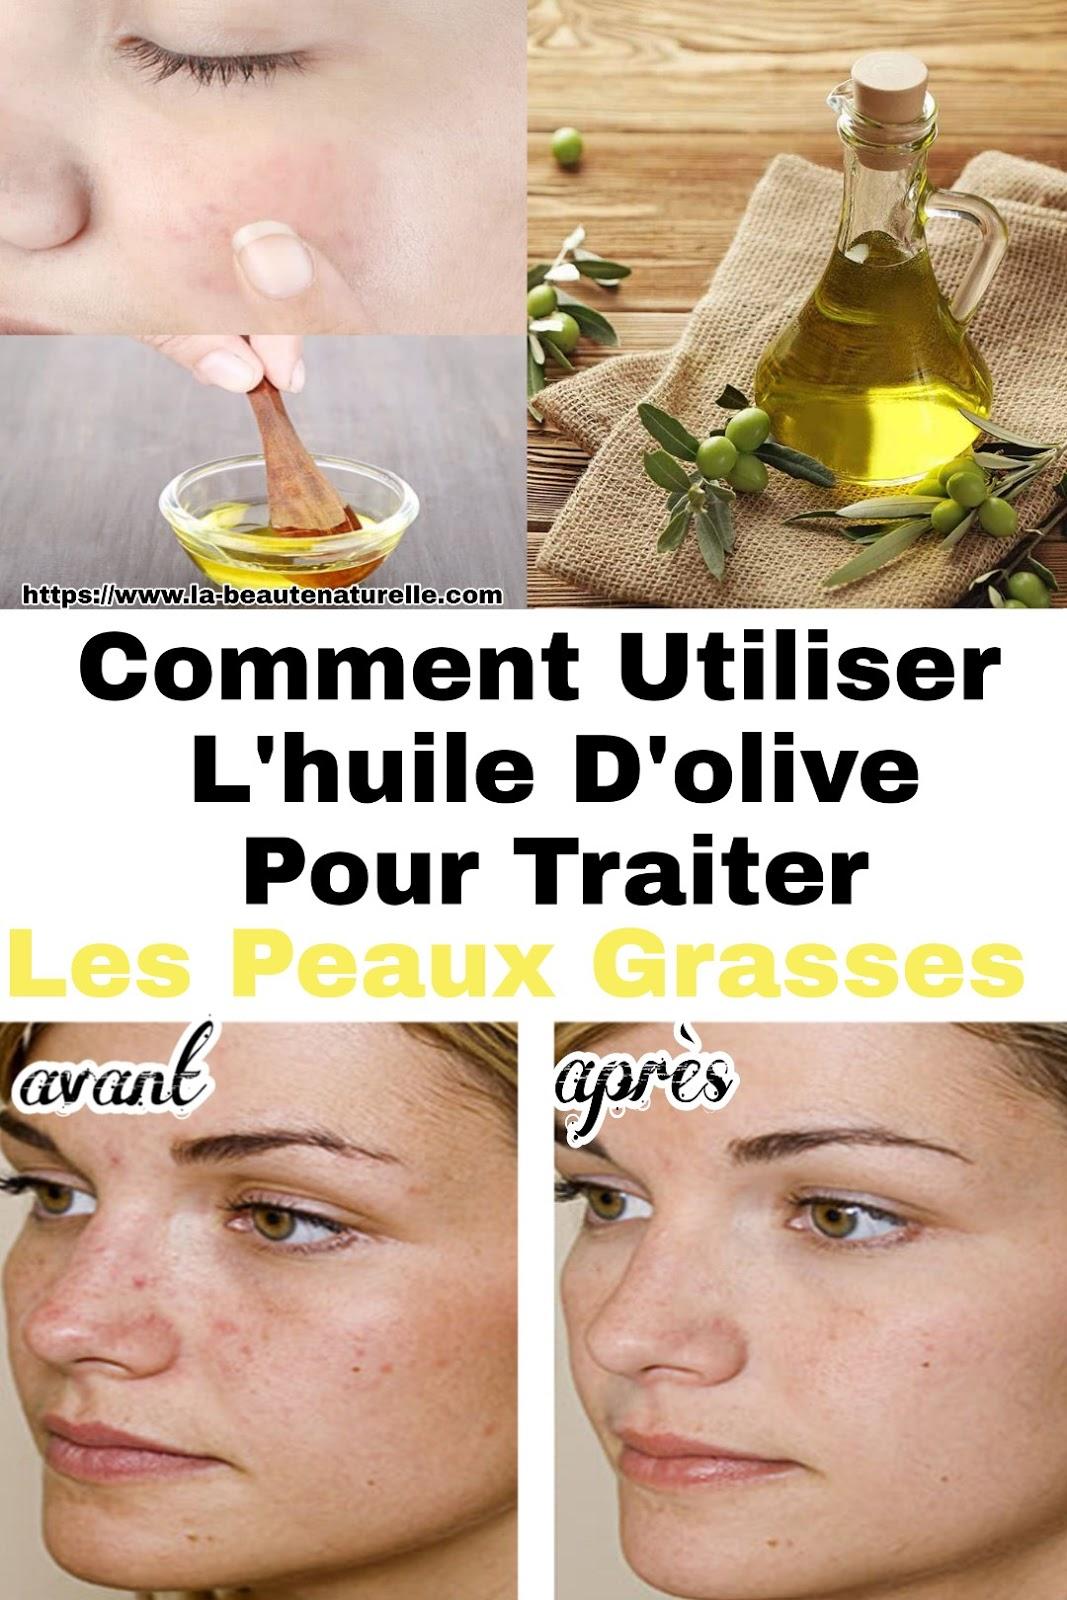 Comment Utiliser L'huile D'olive Pour Traiter Les Peaux Grasses